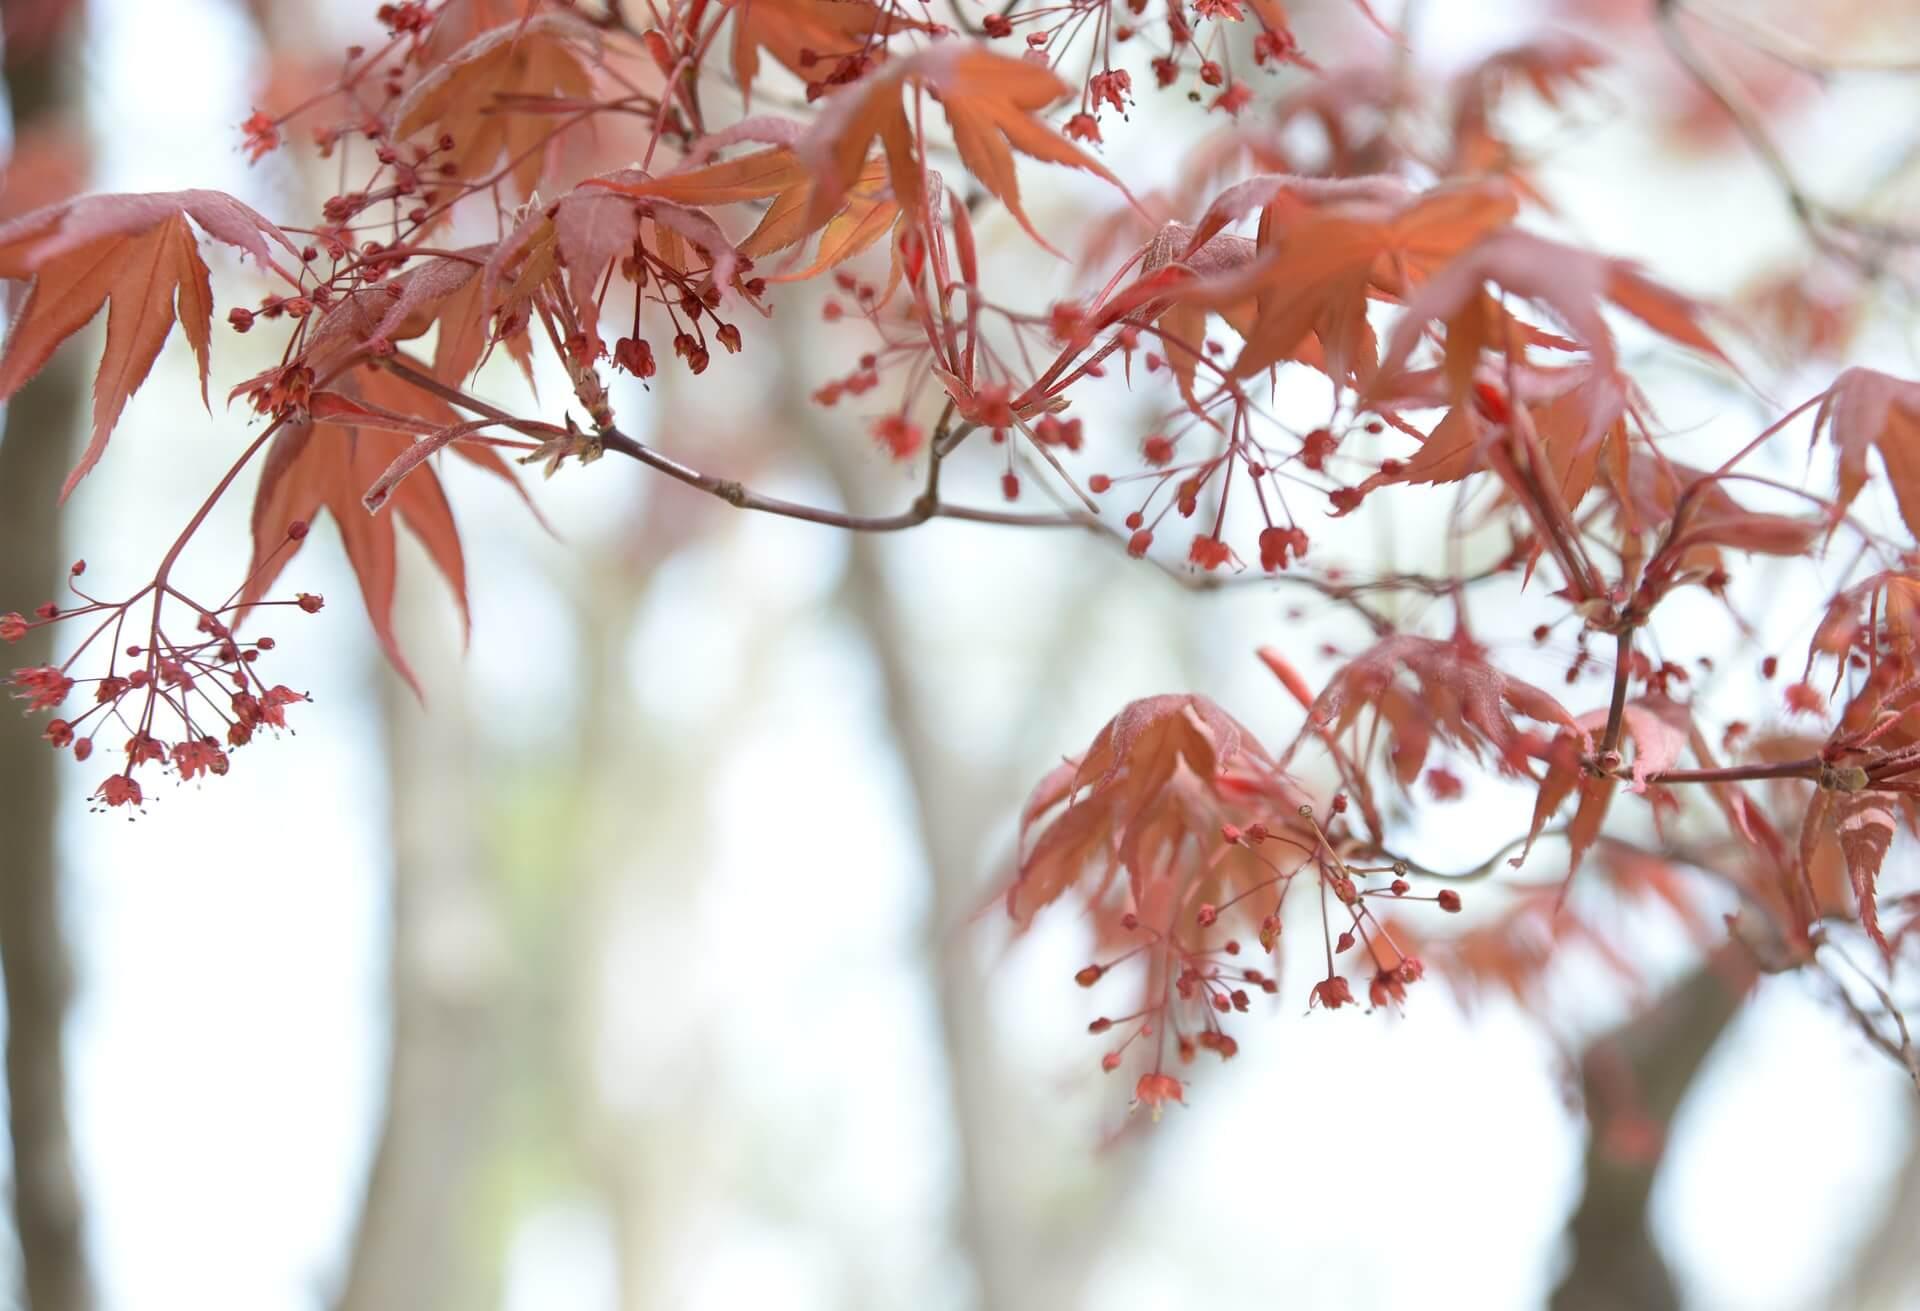 Ahorn Blätter im Herbst